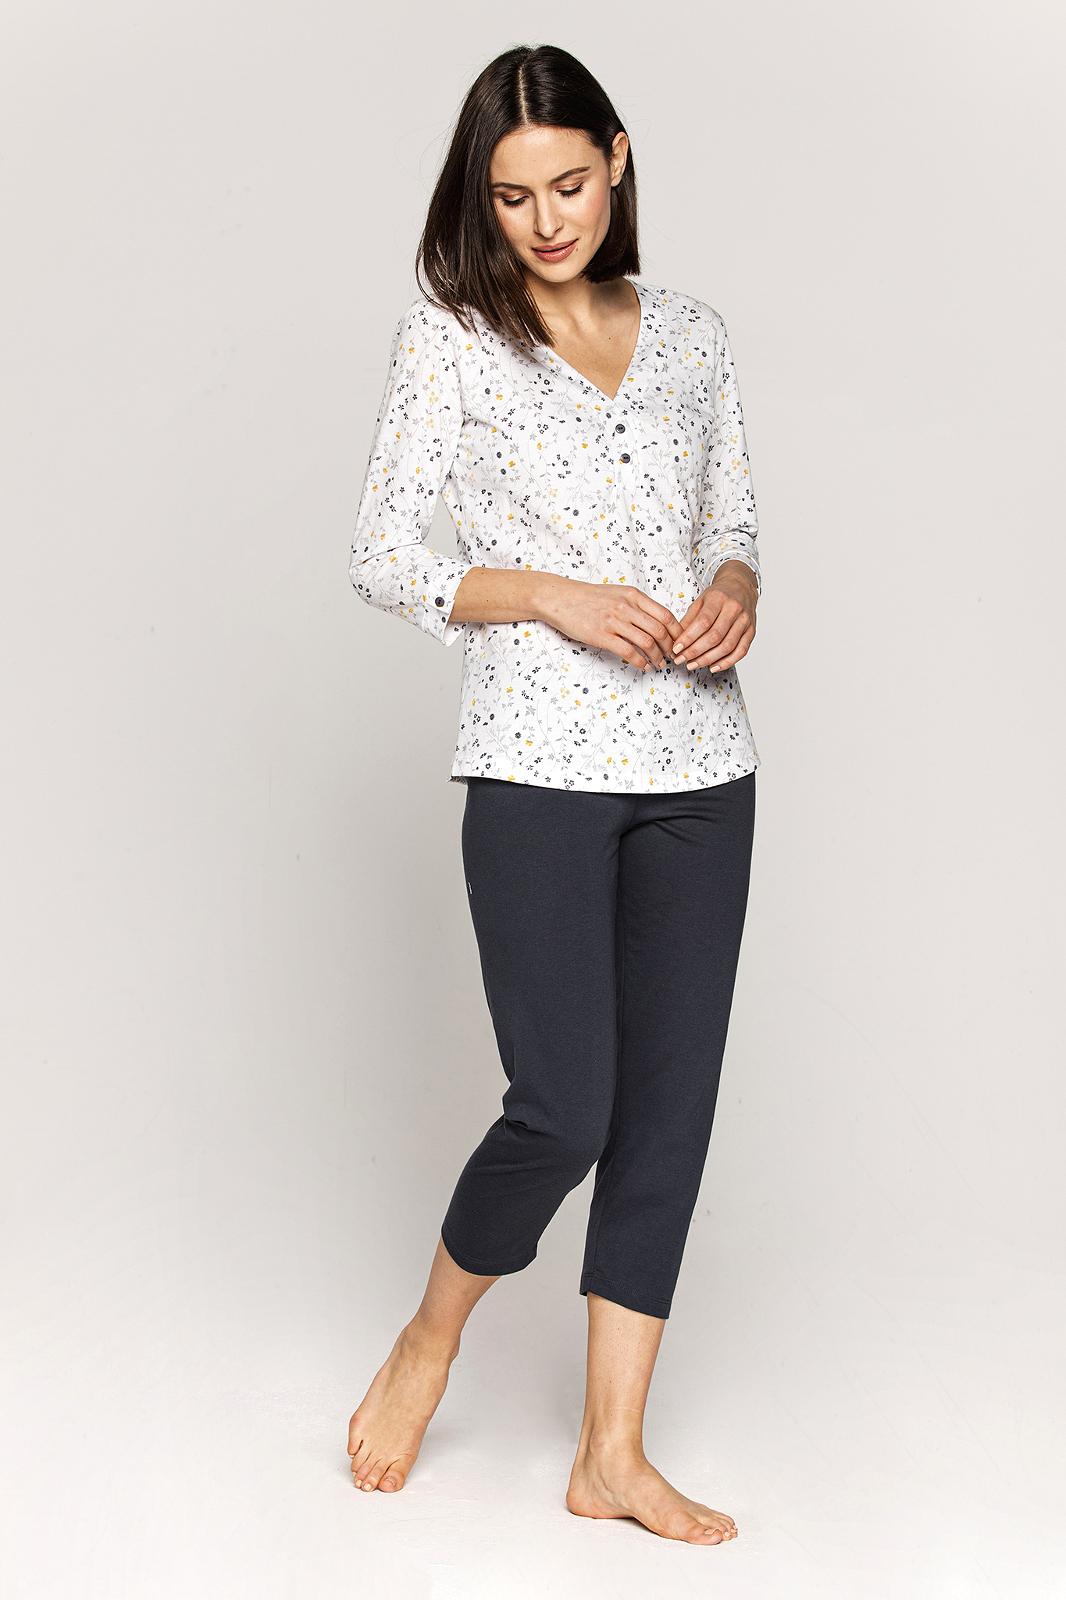 Dámské pyžamo Cana 555 3/4 S-XL